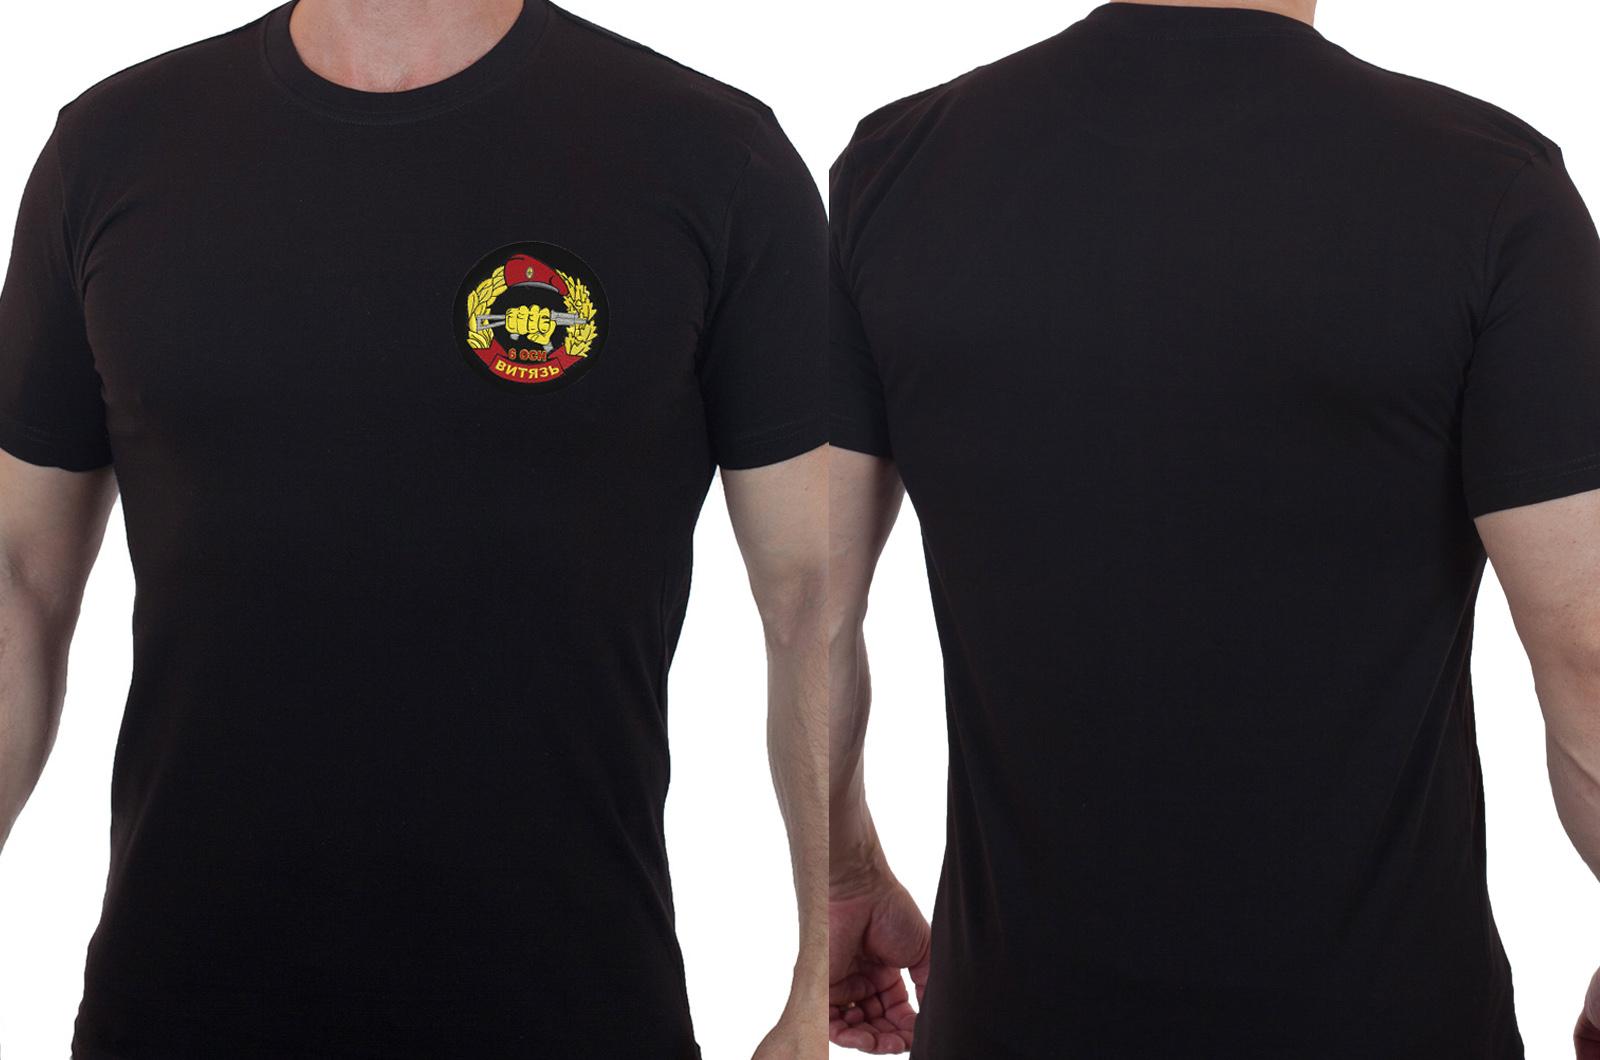 Мужская черная футболка с вышитым шевроном 6 ОСН Витязь - купить оптом